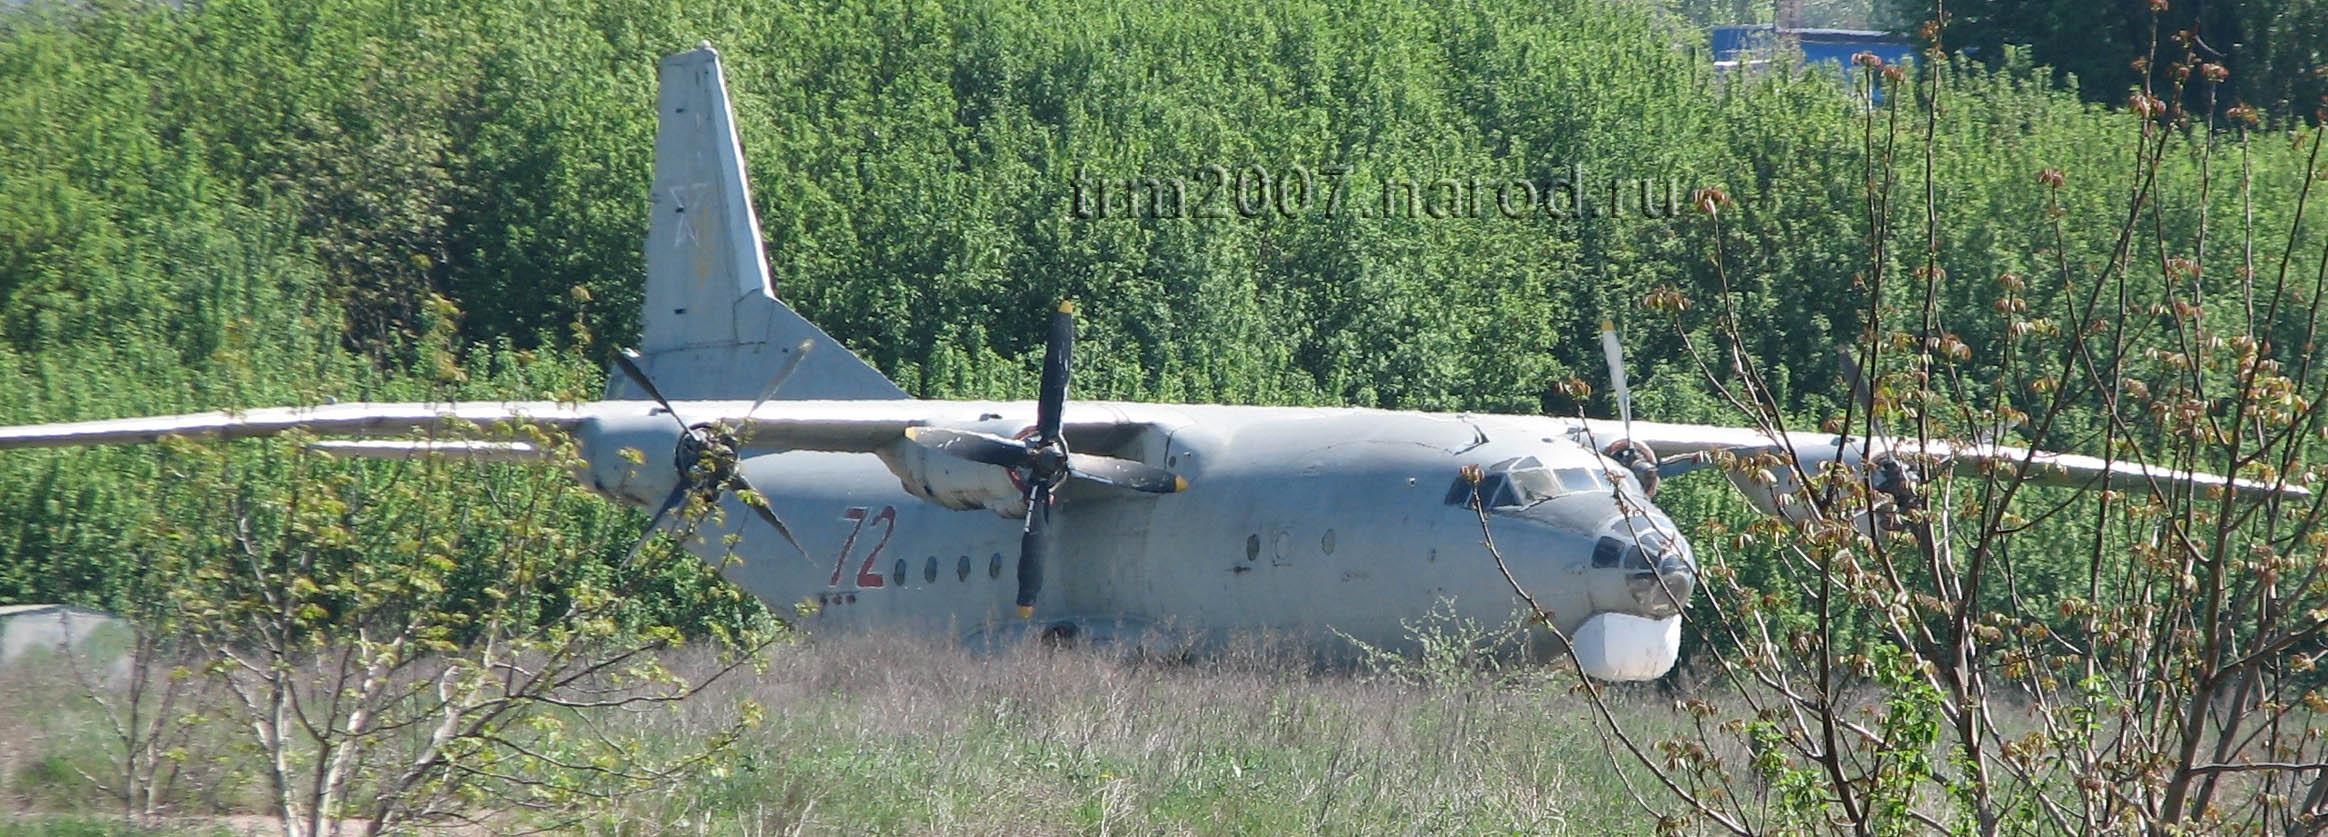 Транспортник АН-12 - мечтает вернуться в небо